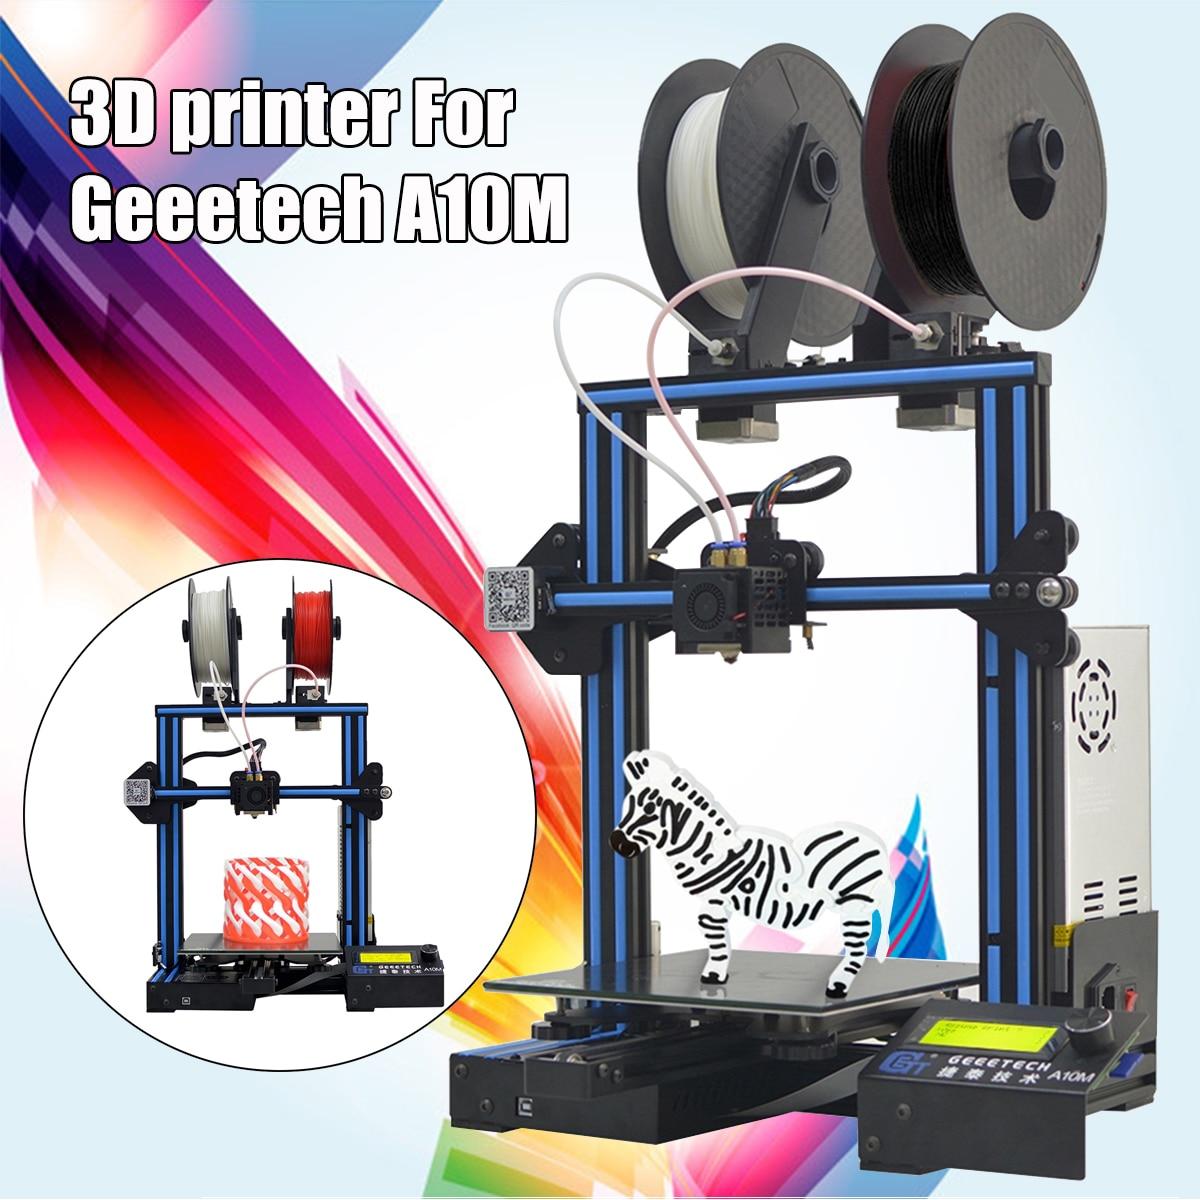 A10M Mélanger-couleur I3 3D Imprimante Impression Taille Avec extrudeuse double/Filament Détecteur/Puissance Reprendre/3:1 Vitesse train tableau de contrôle